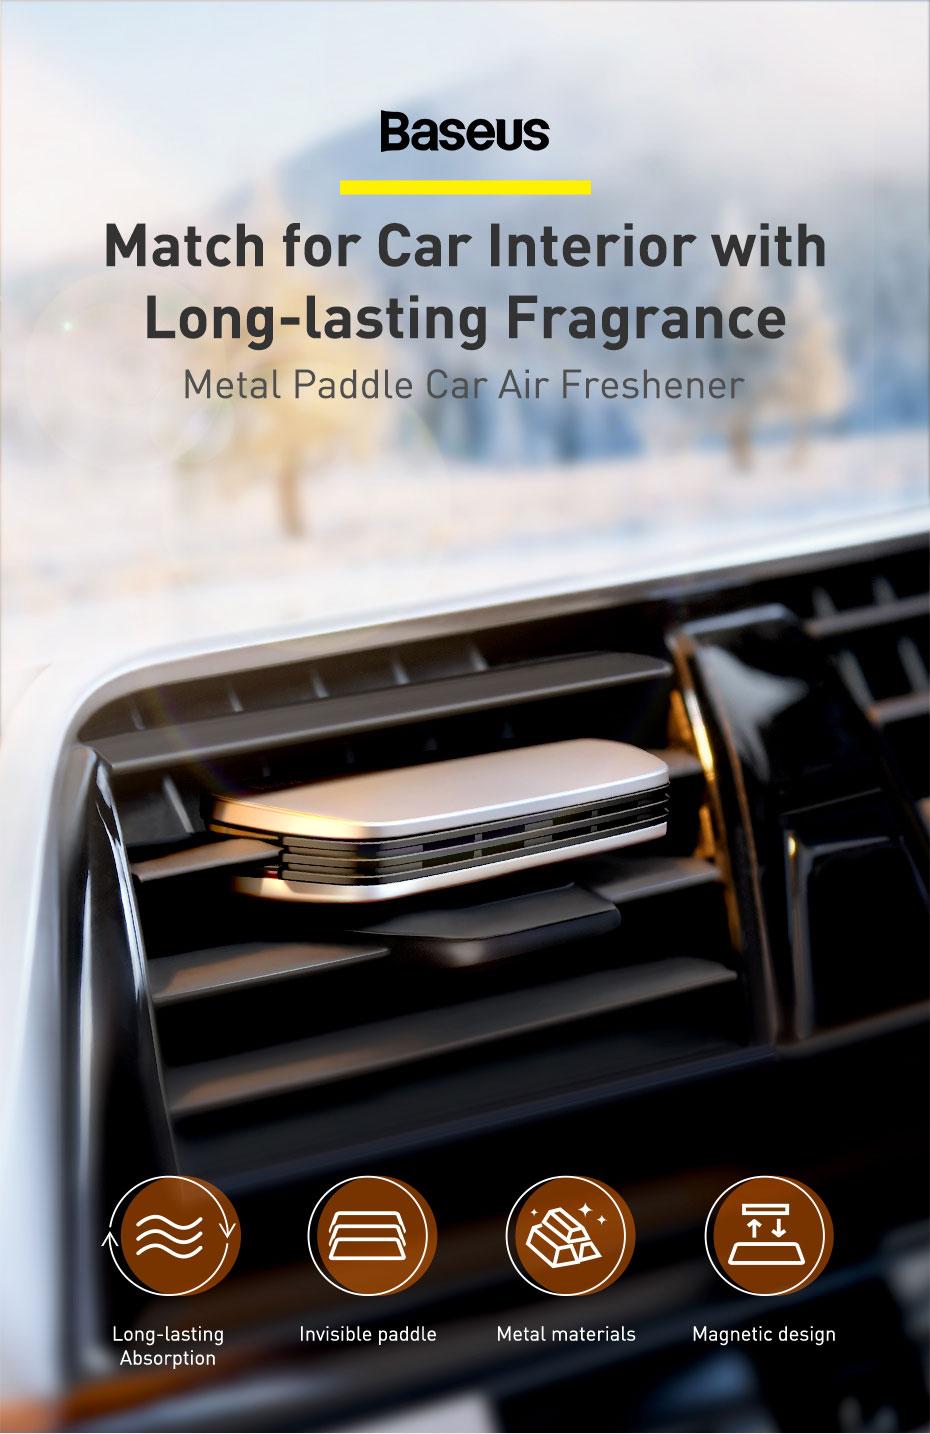 Baseus Metal Paddle Car Air Freshener 3